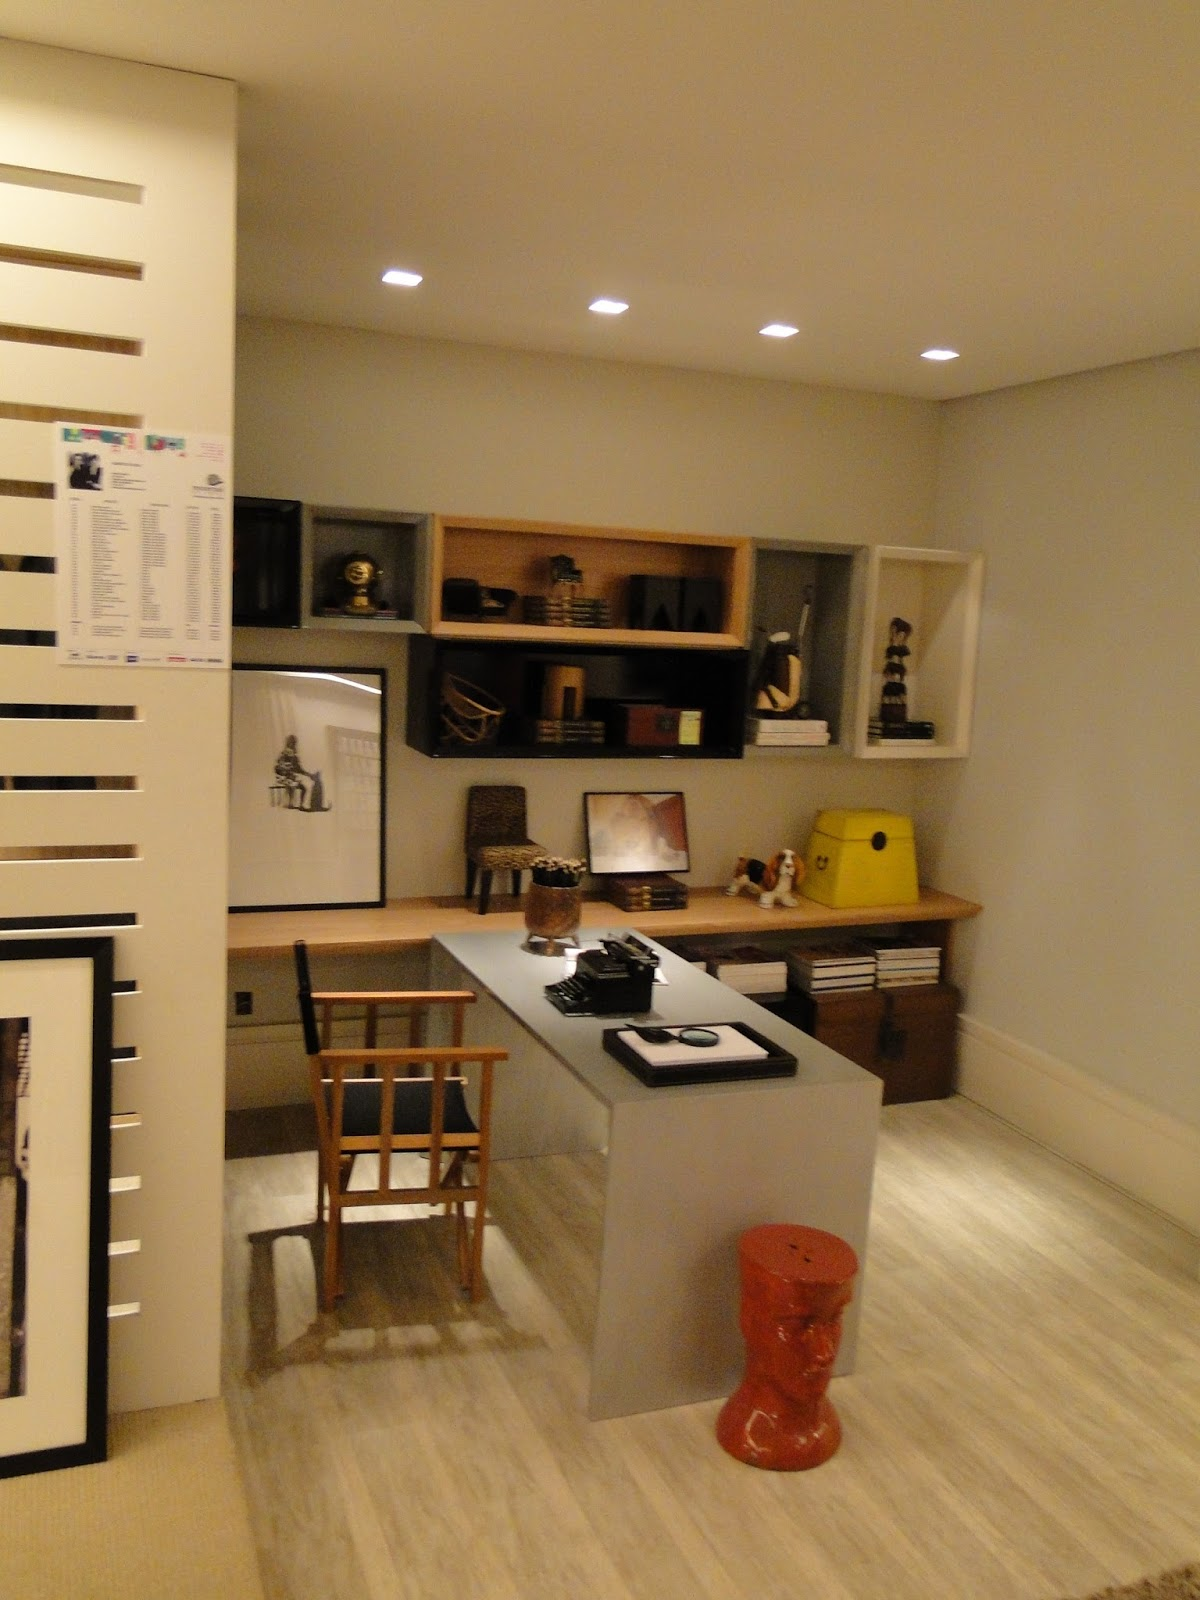 Veja: luminárias para cozinha luminárias de banheiro luminárias  #A27B29 1200 1600